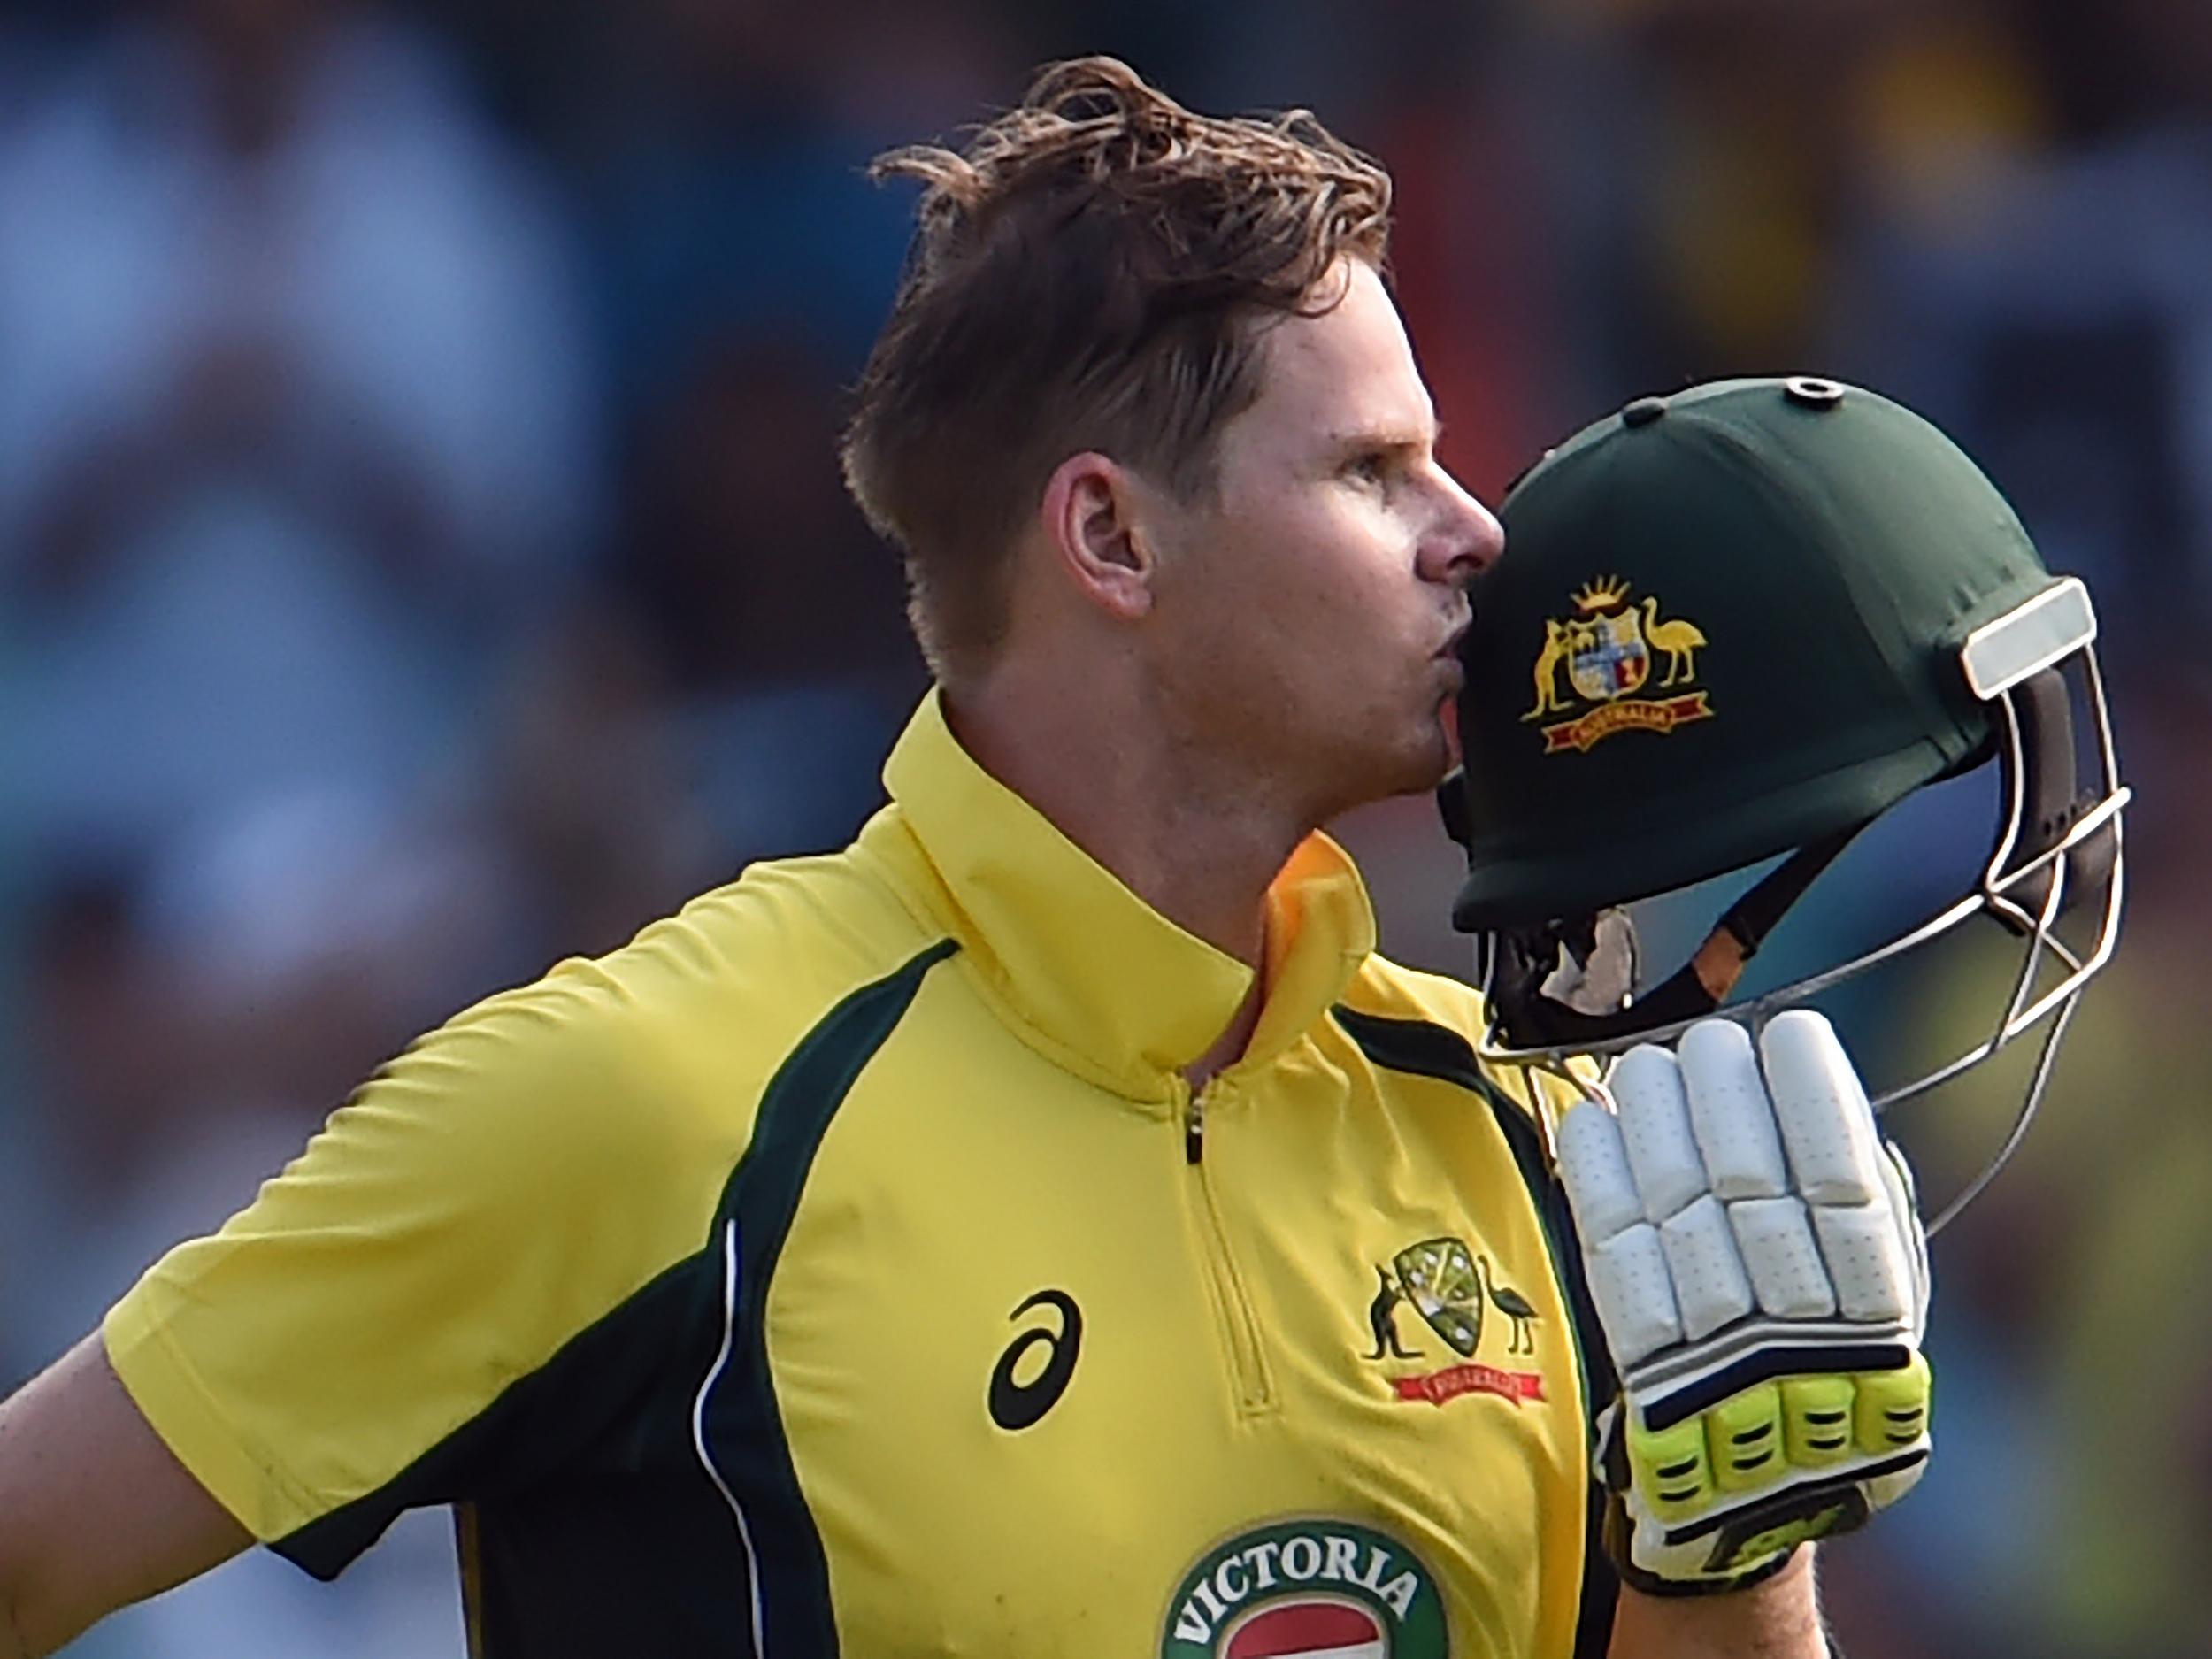 Australia vs New Zealand Steve Smith smashes 164 to down Black